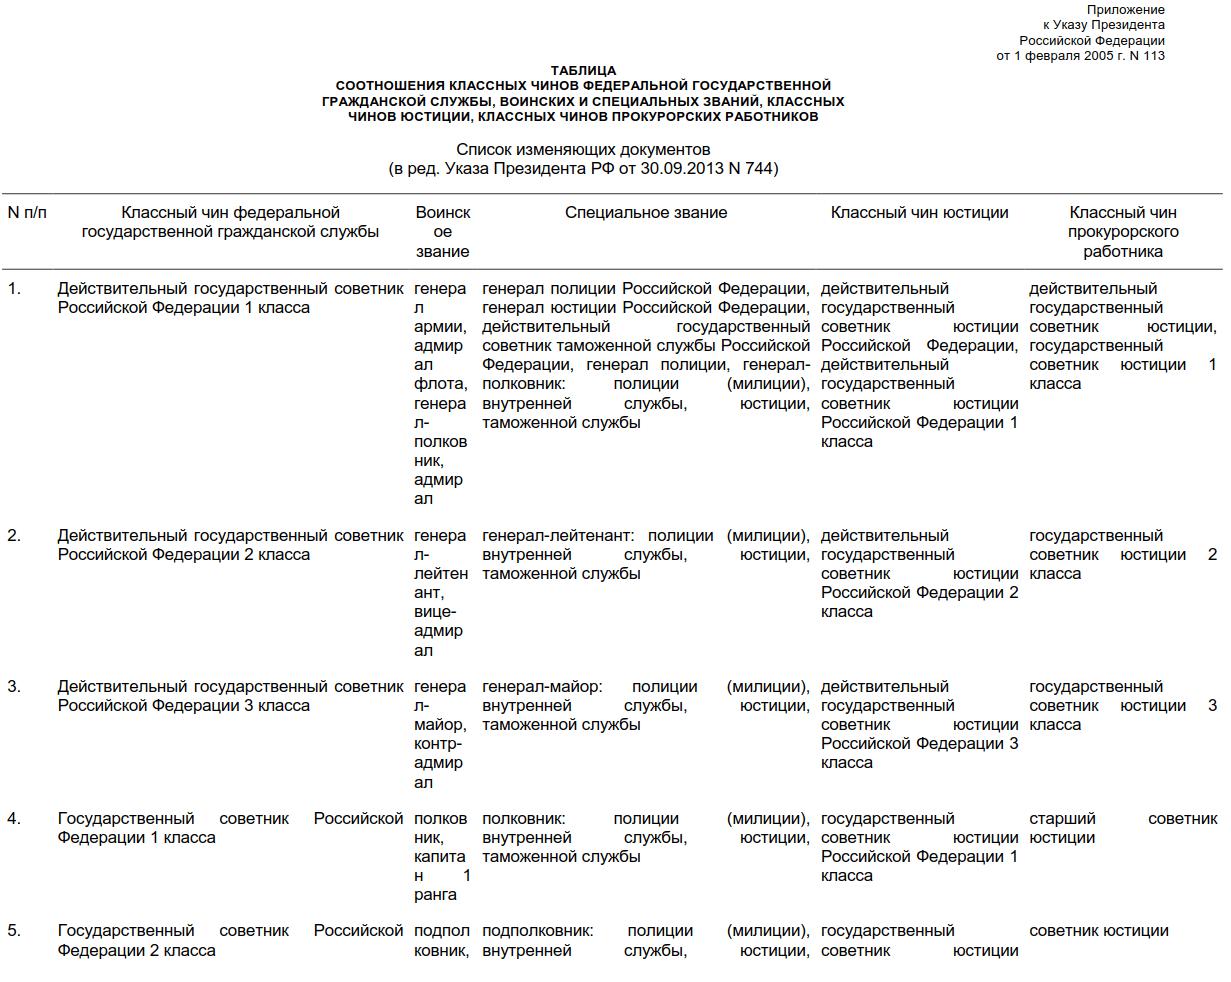 чины гражданской службы